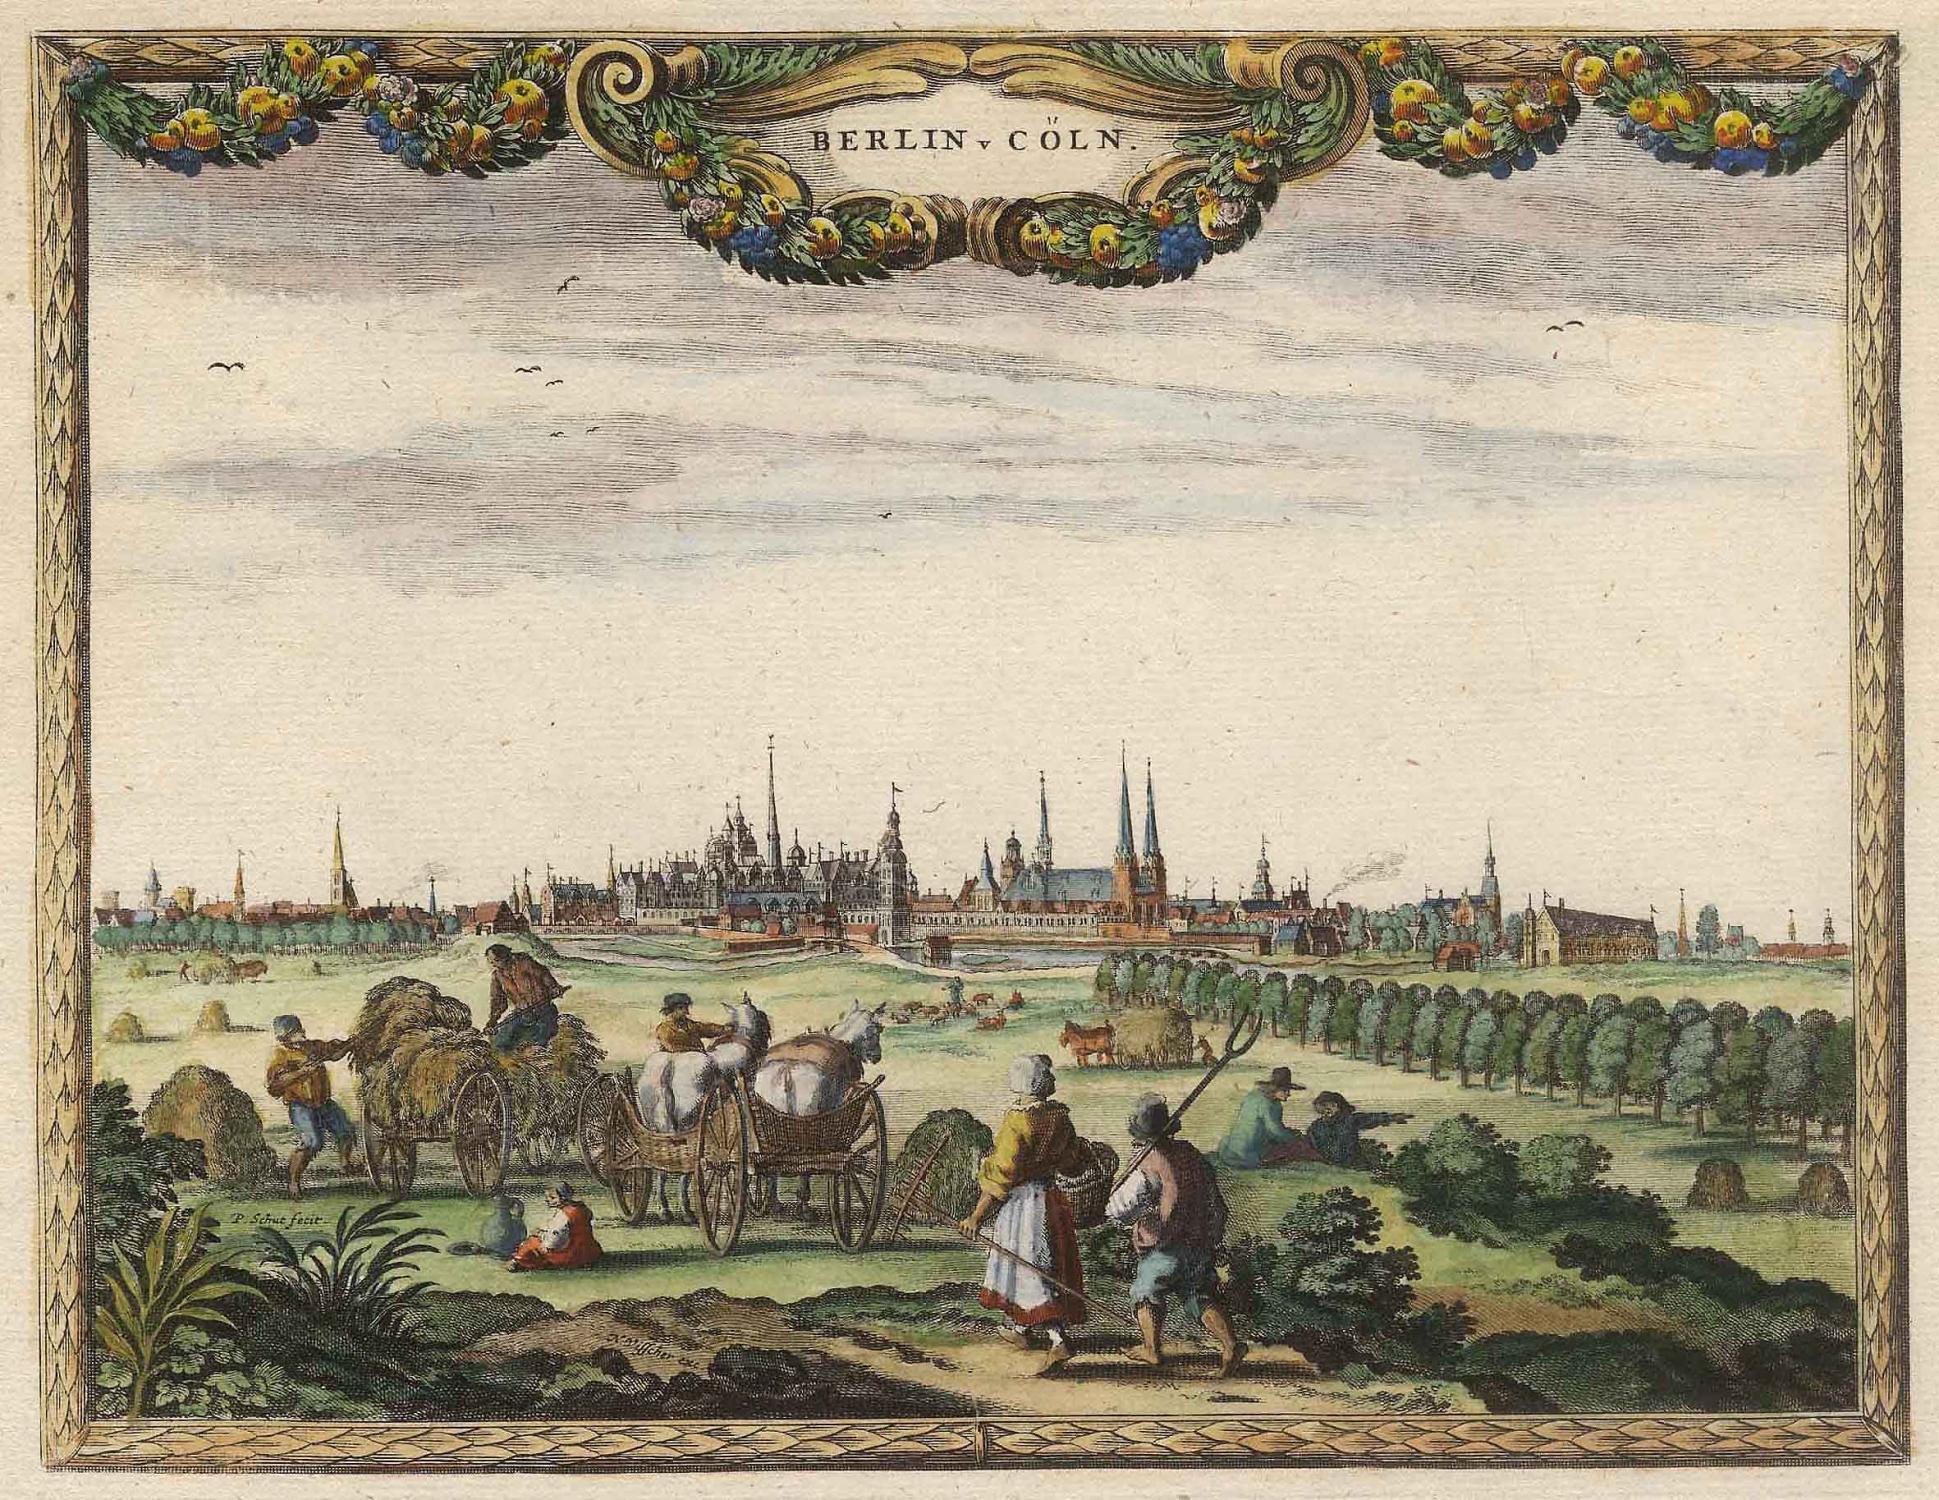 Vialibri ~ (1286978).....rare books from 1652